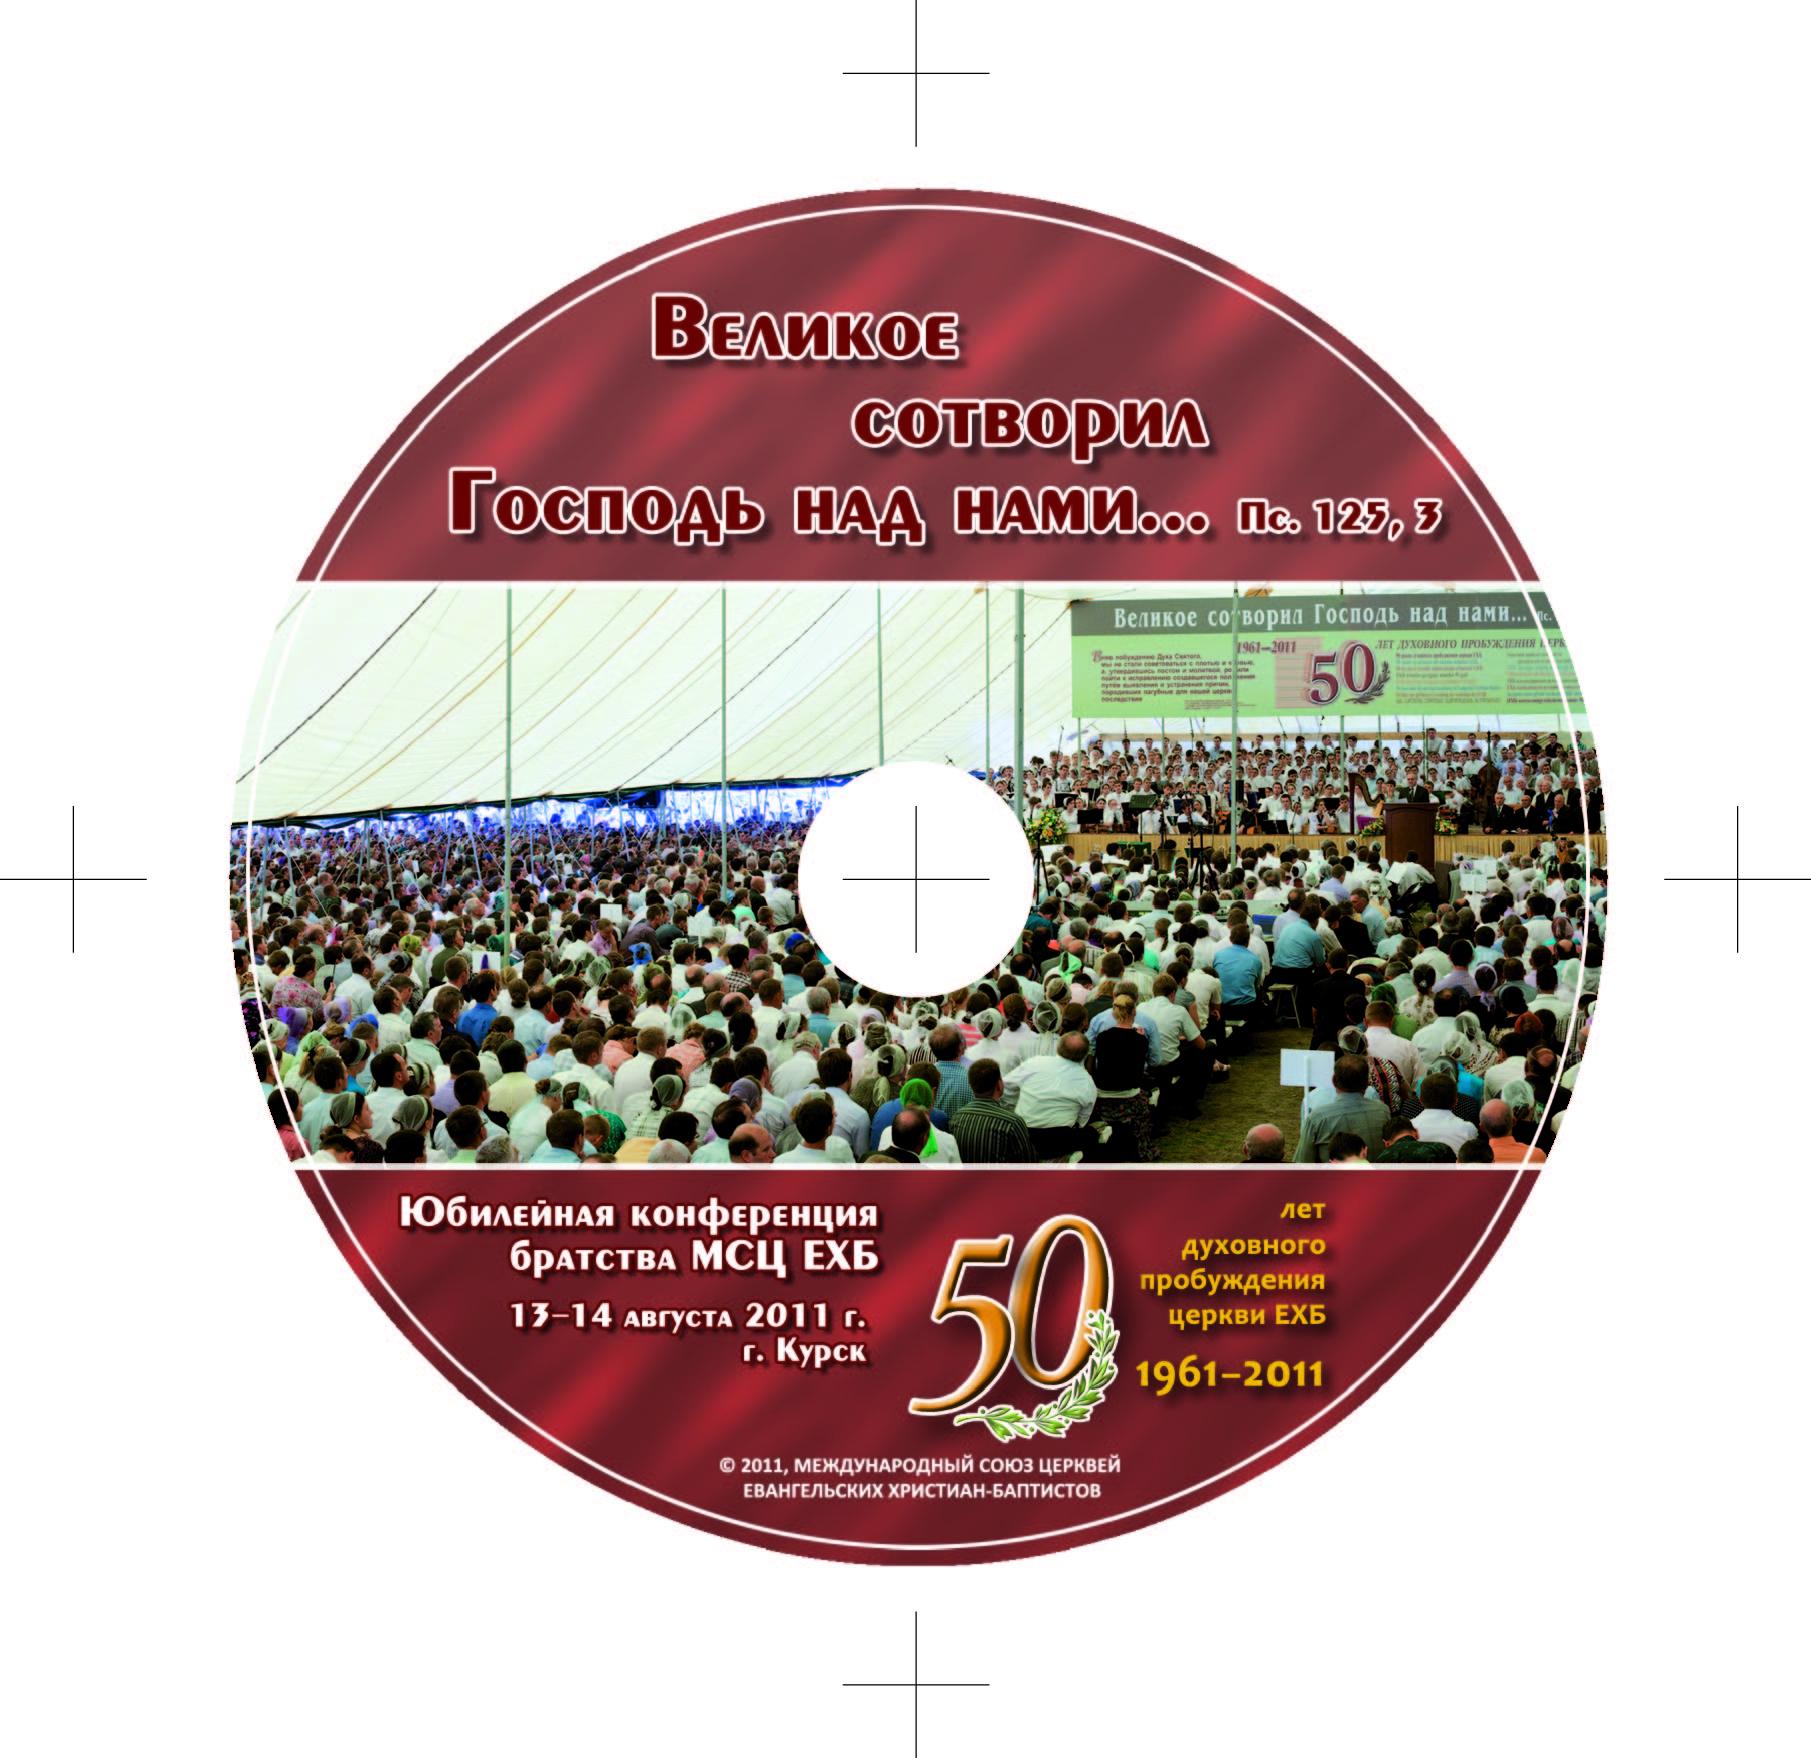 Великое сотворил Господь над нами… Юбилейная конференция братства МСЦ ЕХБ 13-14 августа 2011 г. Курск